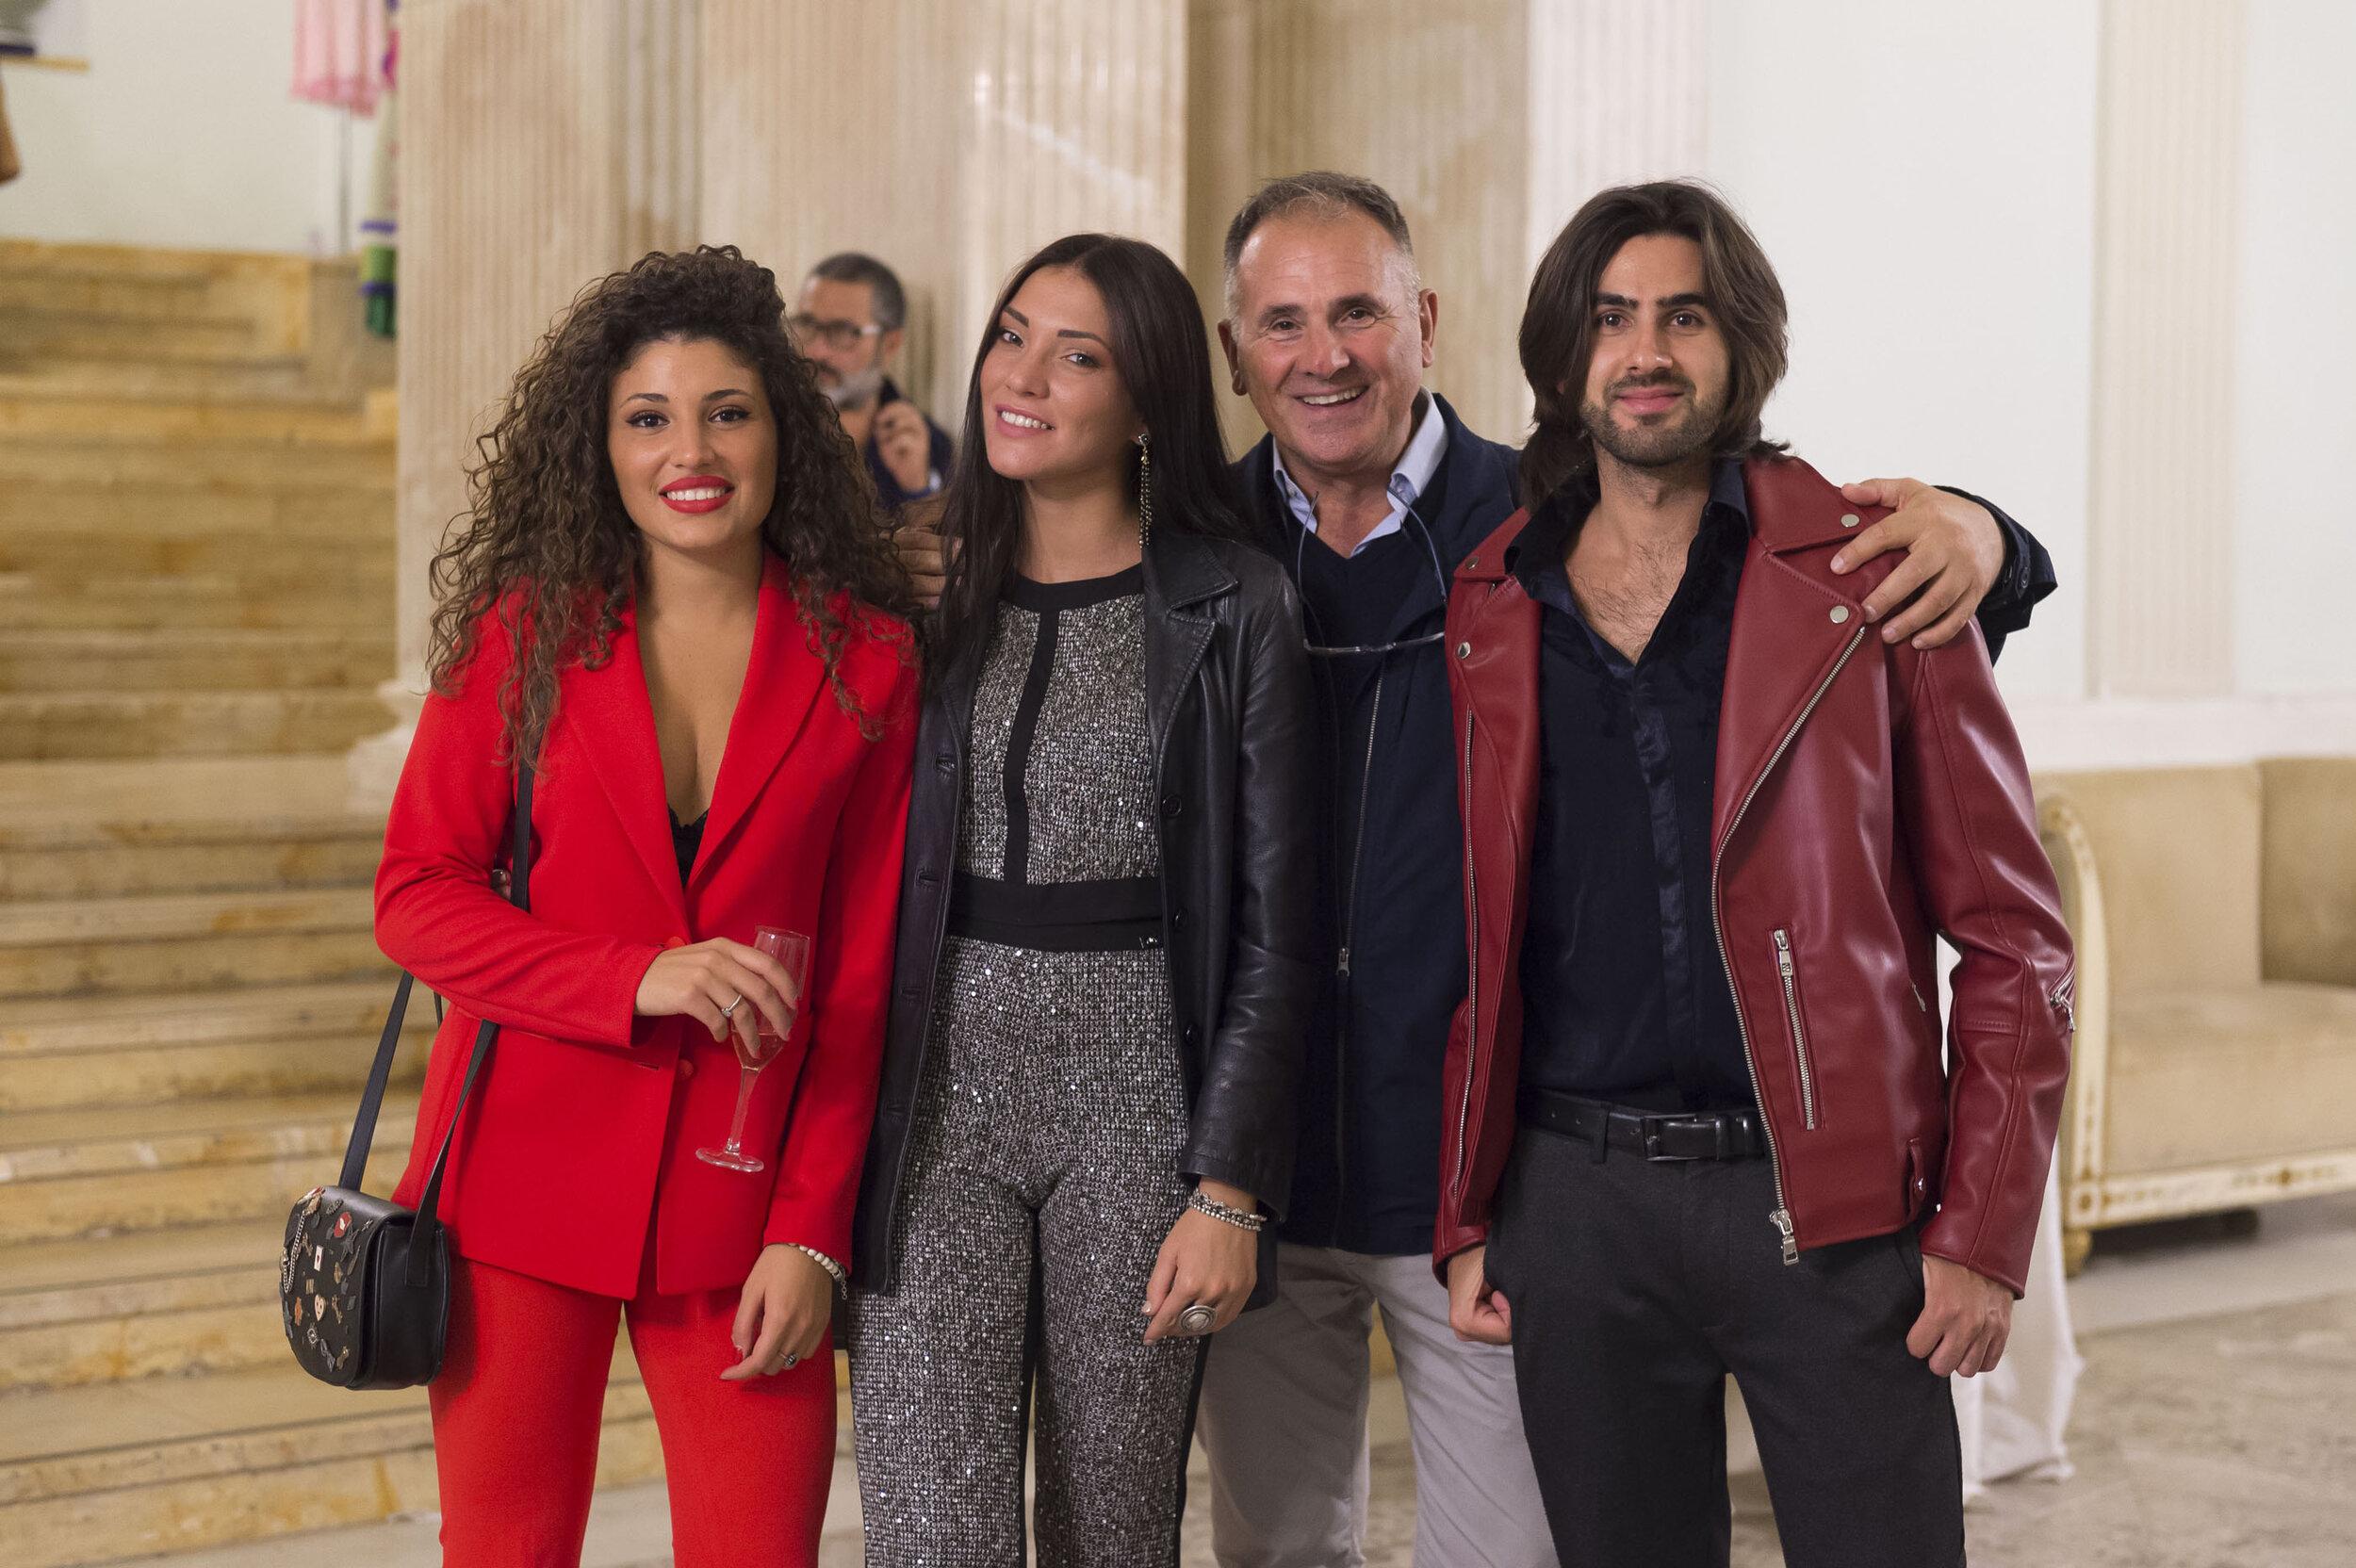 Artecinema 2019_ph Francesco Squeglia_9223.jpg